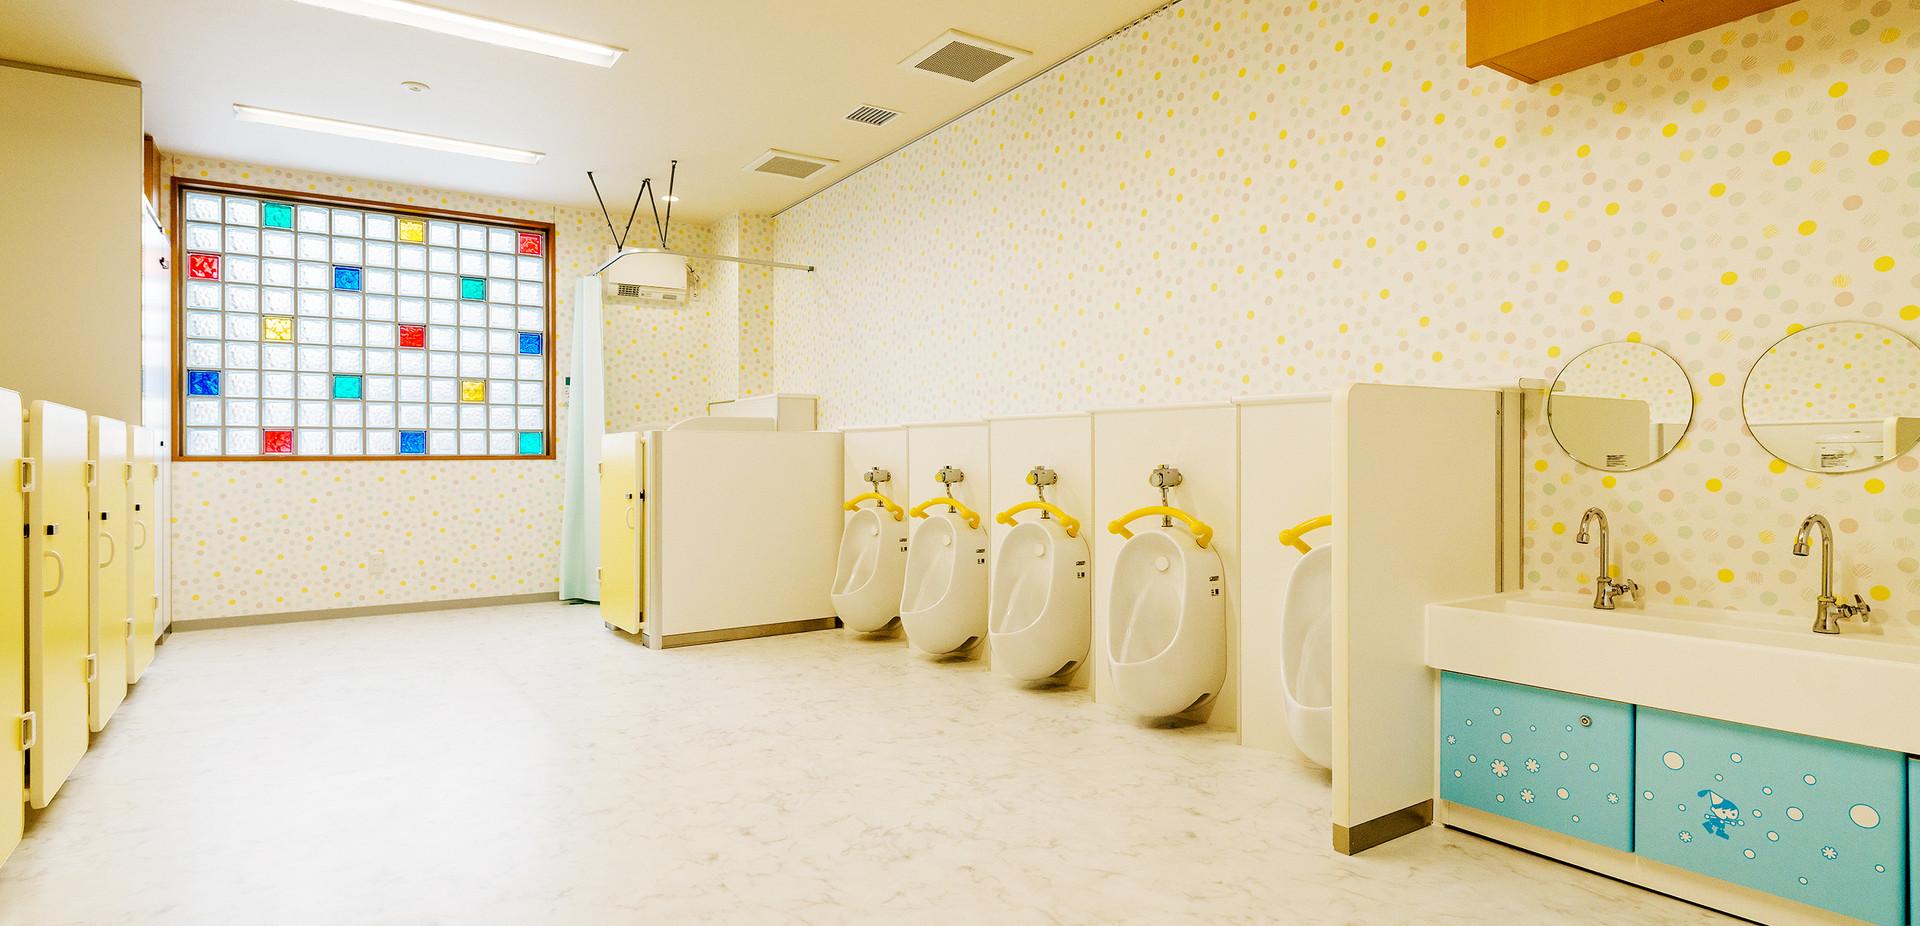 東小岩わんぱく保育園 園児用トイレ